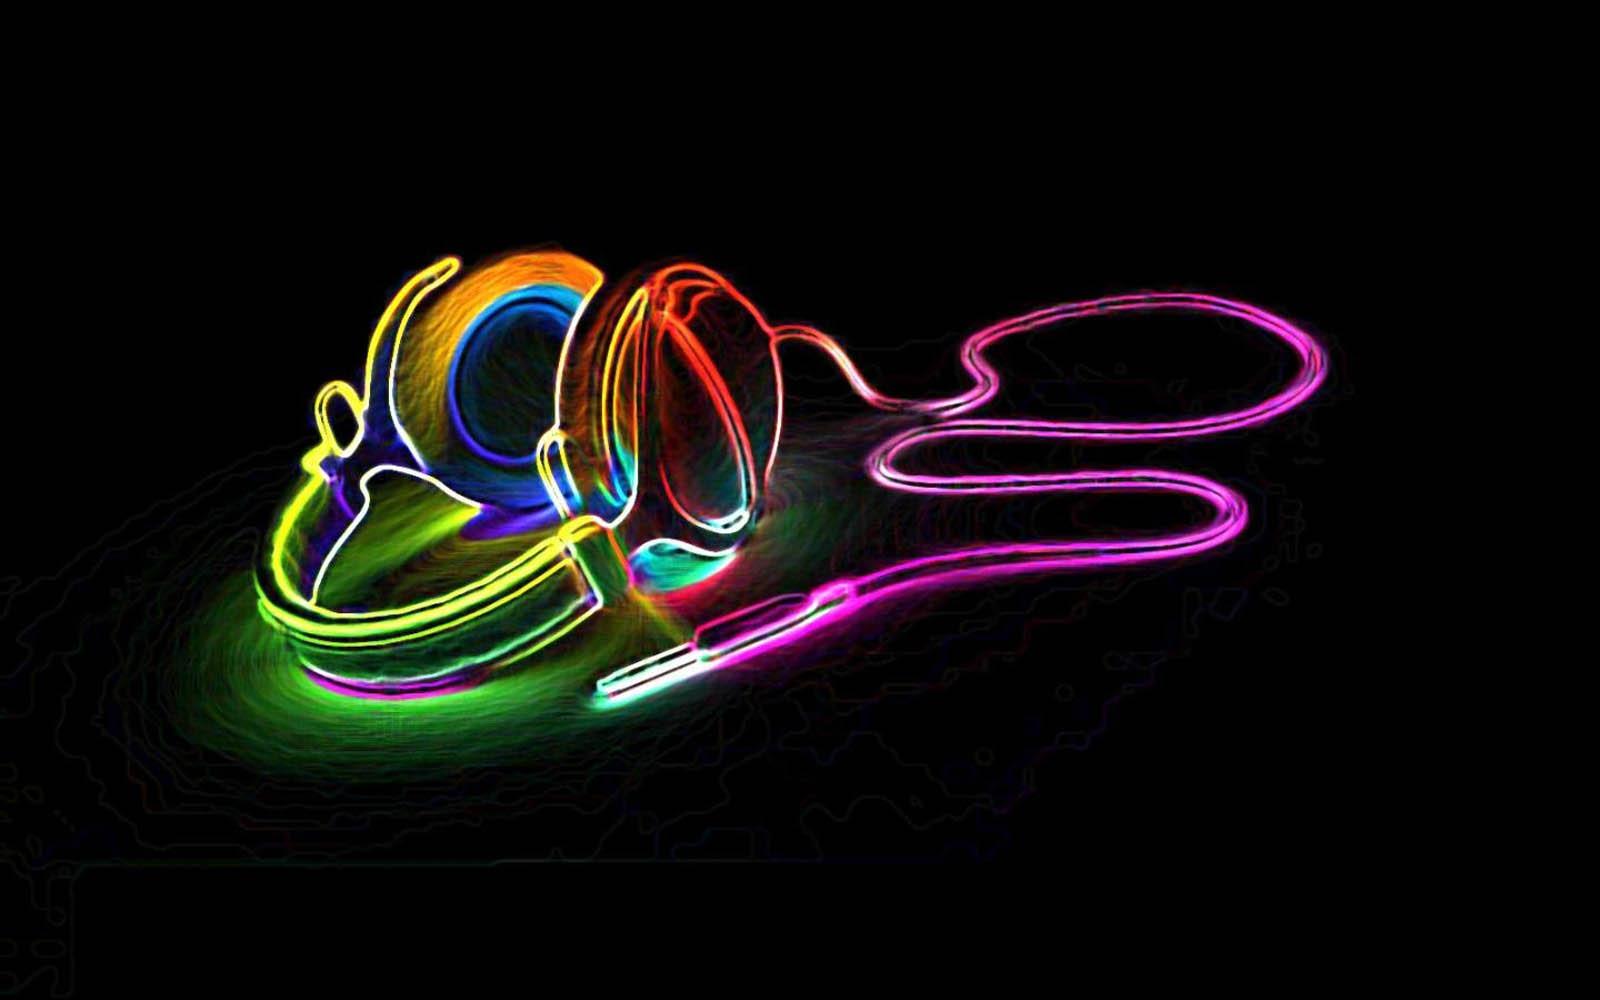 neon art wallpapers 10